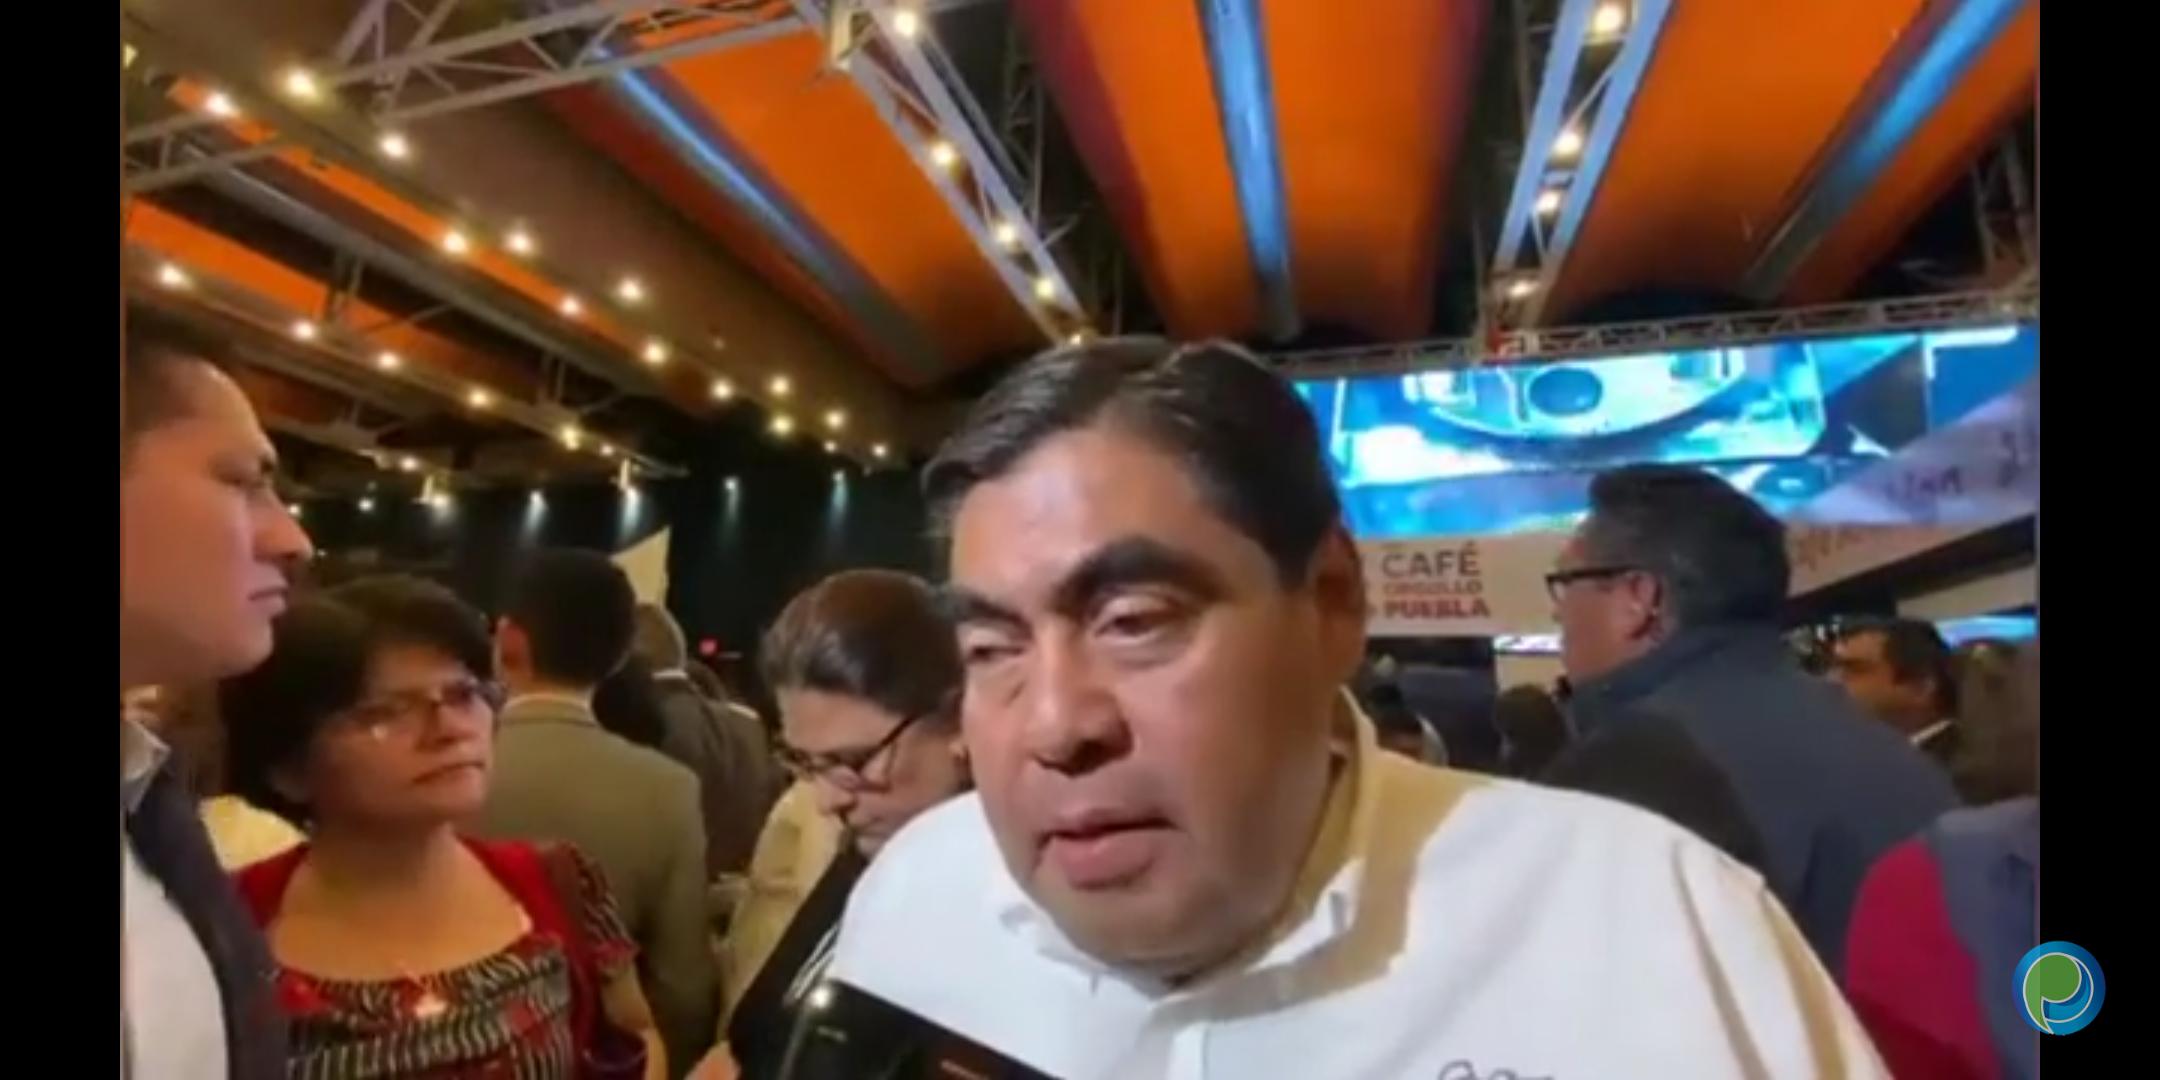 Gobernador Barbosa anunció la creación de una Coordinación Metropolitana de Seguridad Pública